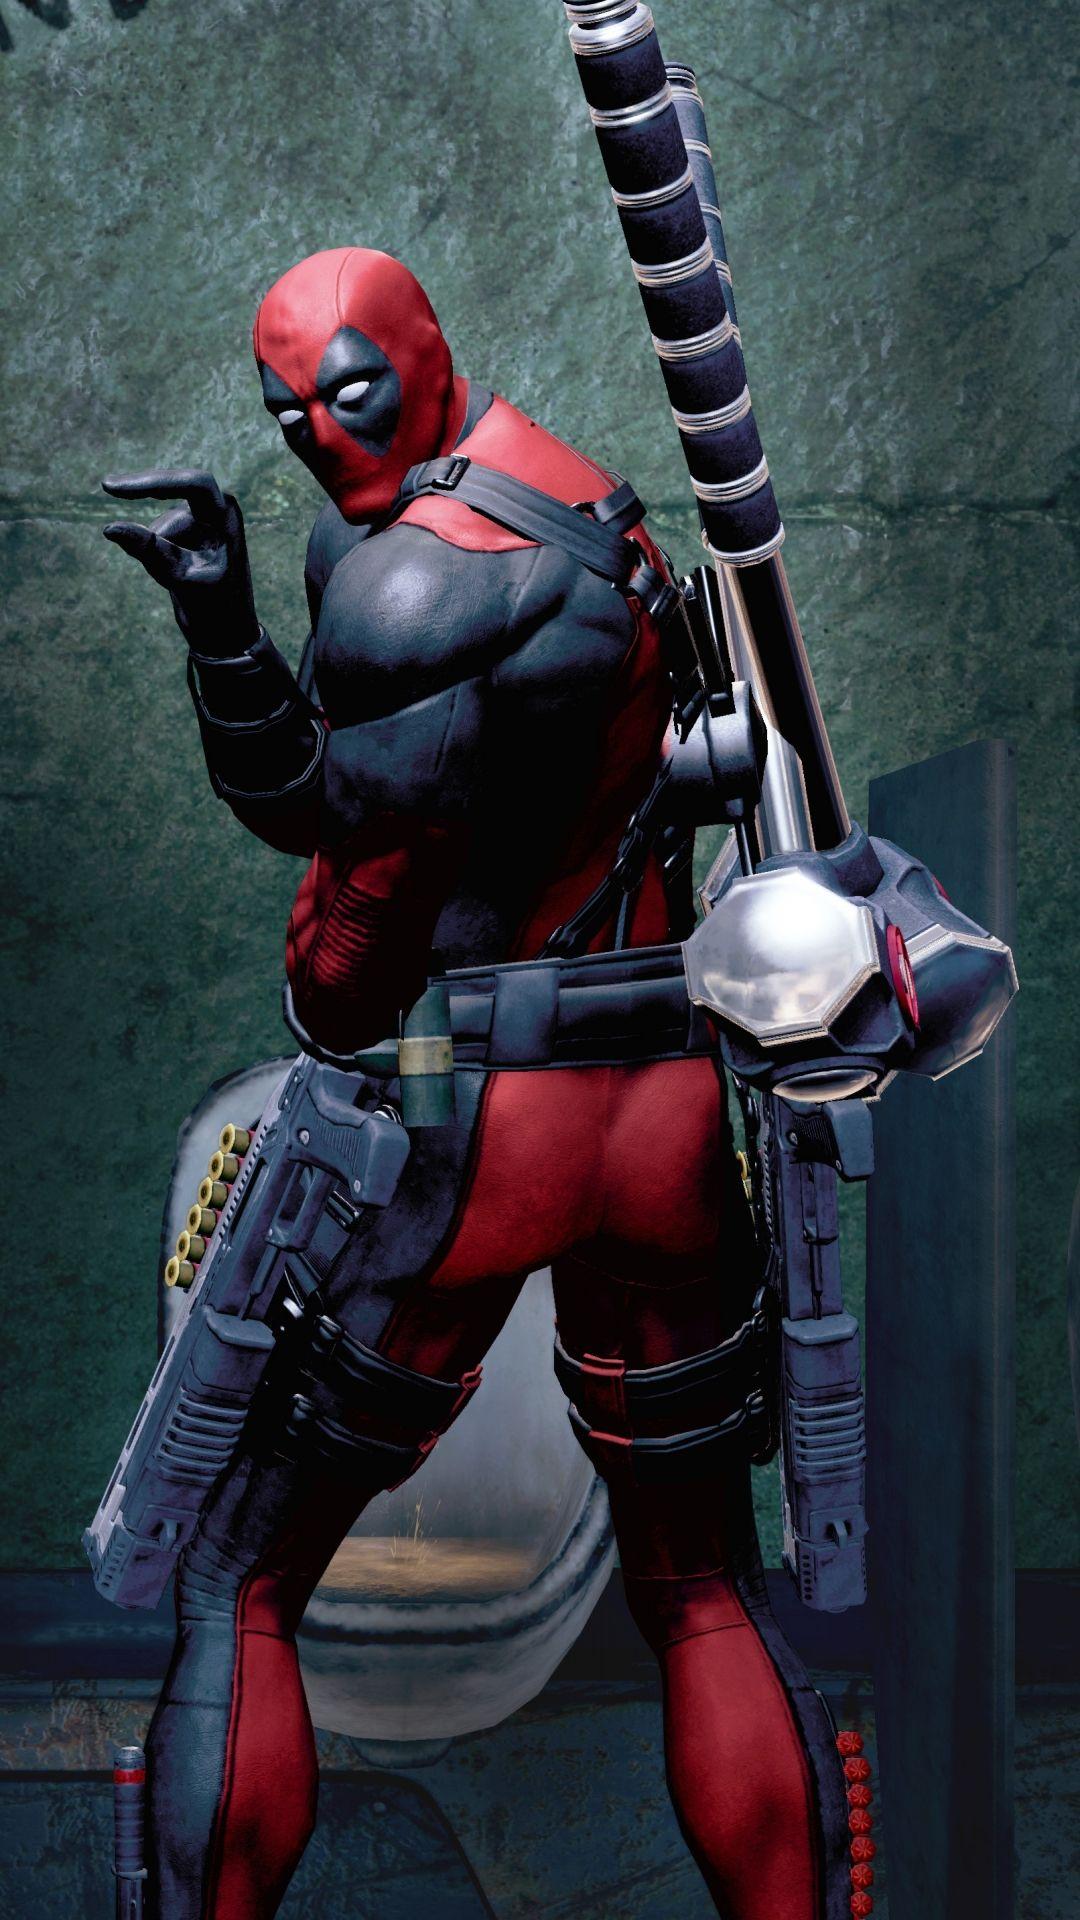 Deadpool Fan Art In Deadpools Game By Wallpaper